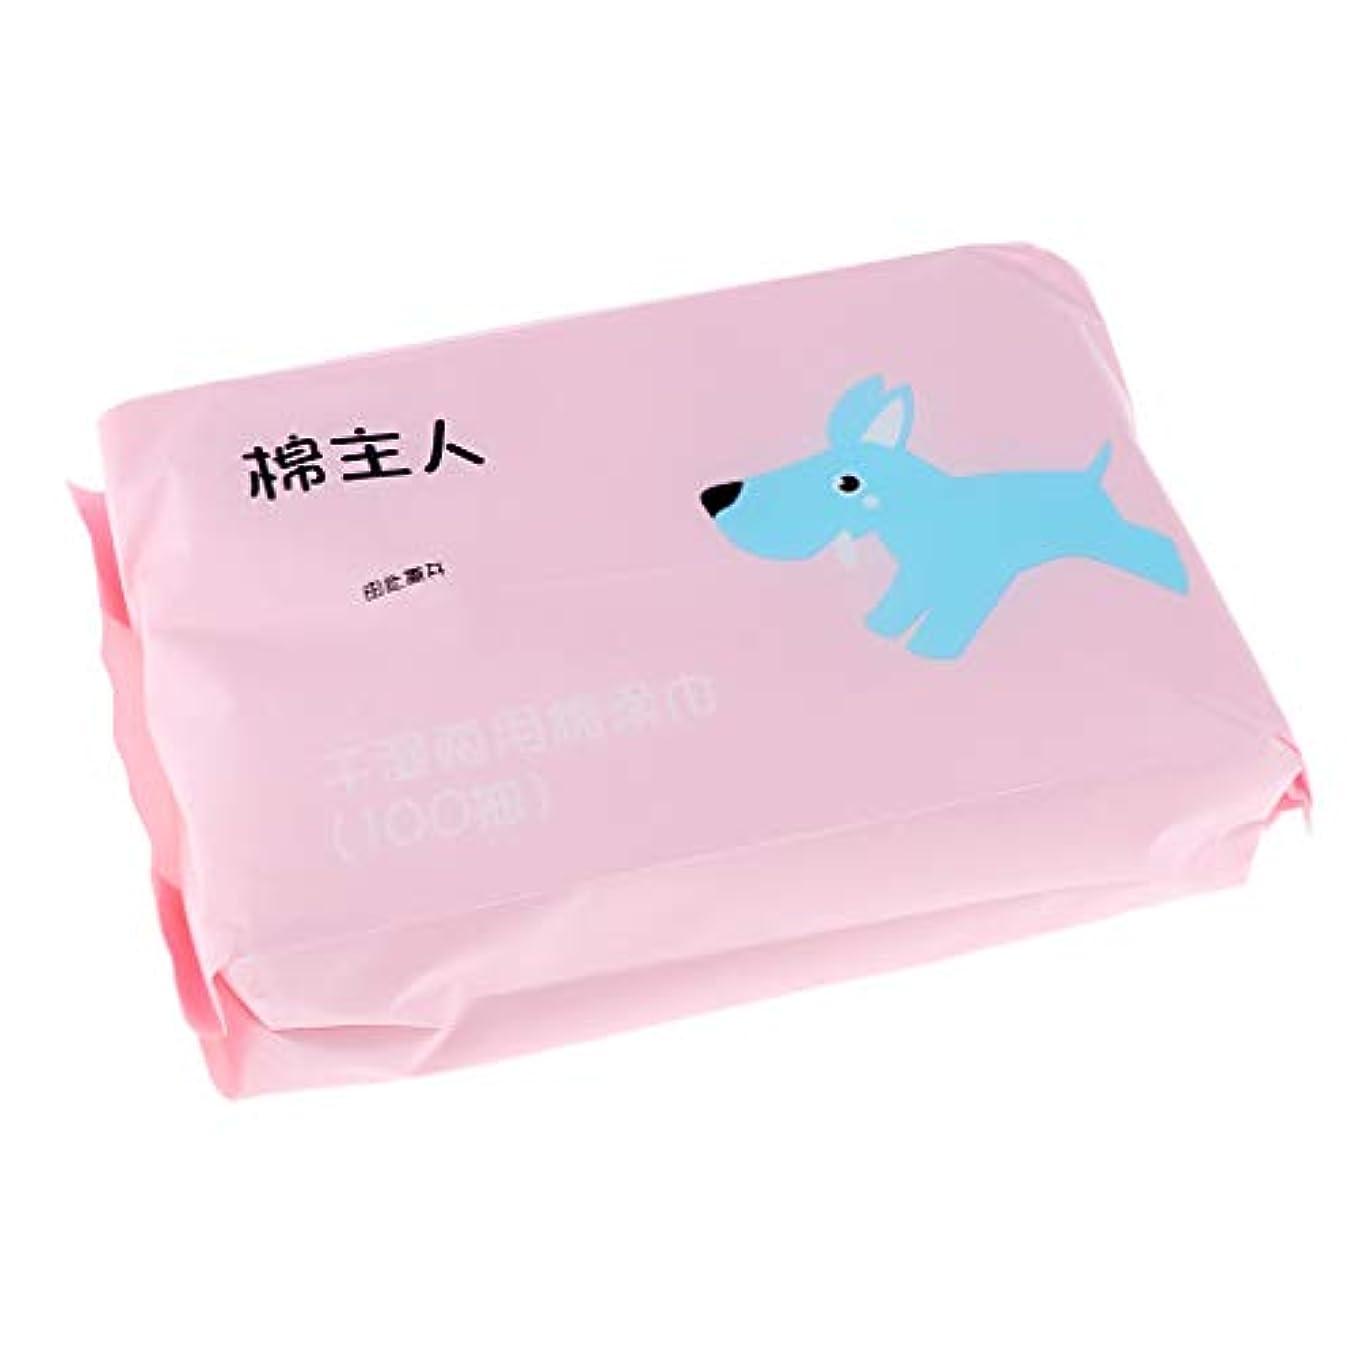 ポゴスティックジャンプ彼ら鯨P Prettyia 約100枚 使い捨て クレンジングシート ソフト 2色選べ  - ピンク